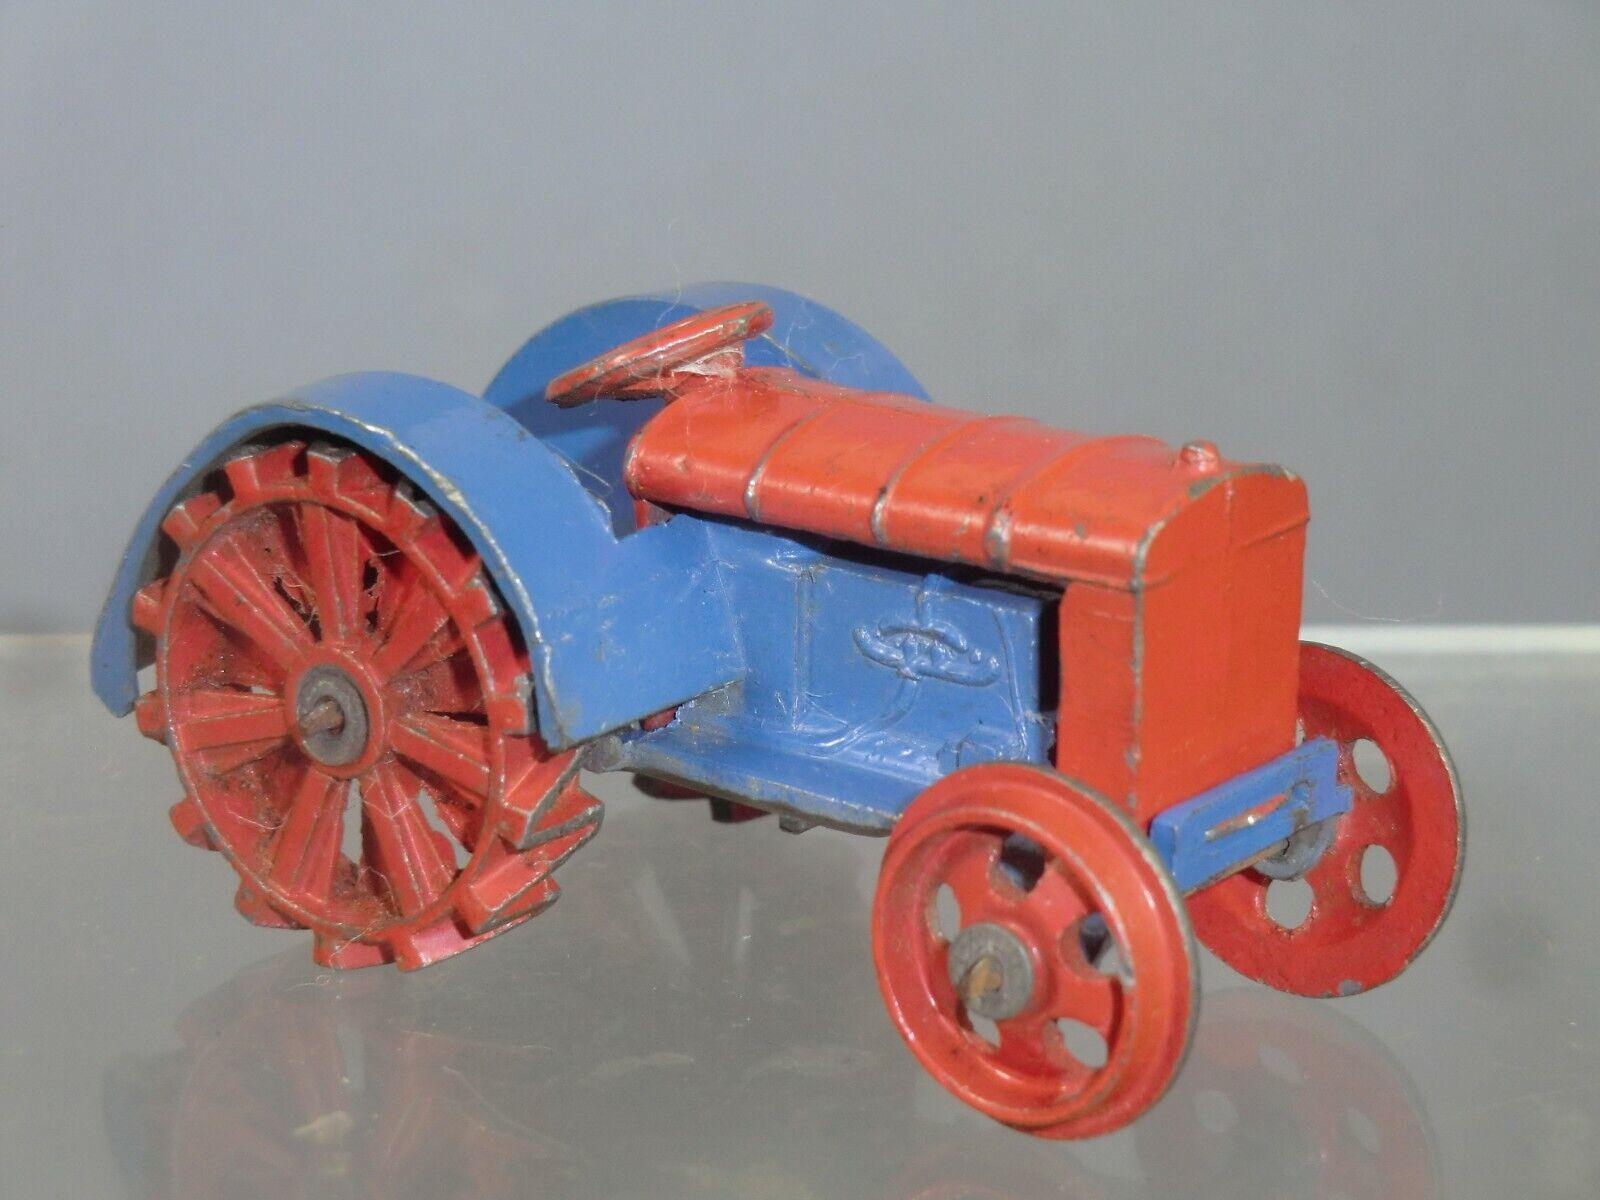 Vintage Dinky Juguetes Modelo No.22e Tractor de granja (versión azul y rojo)